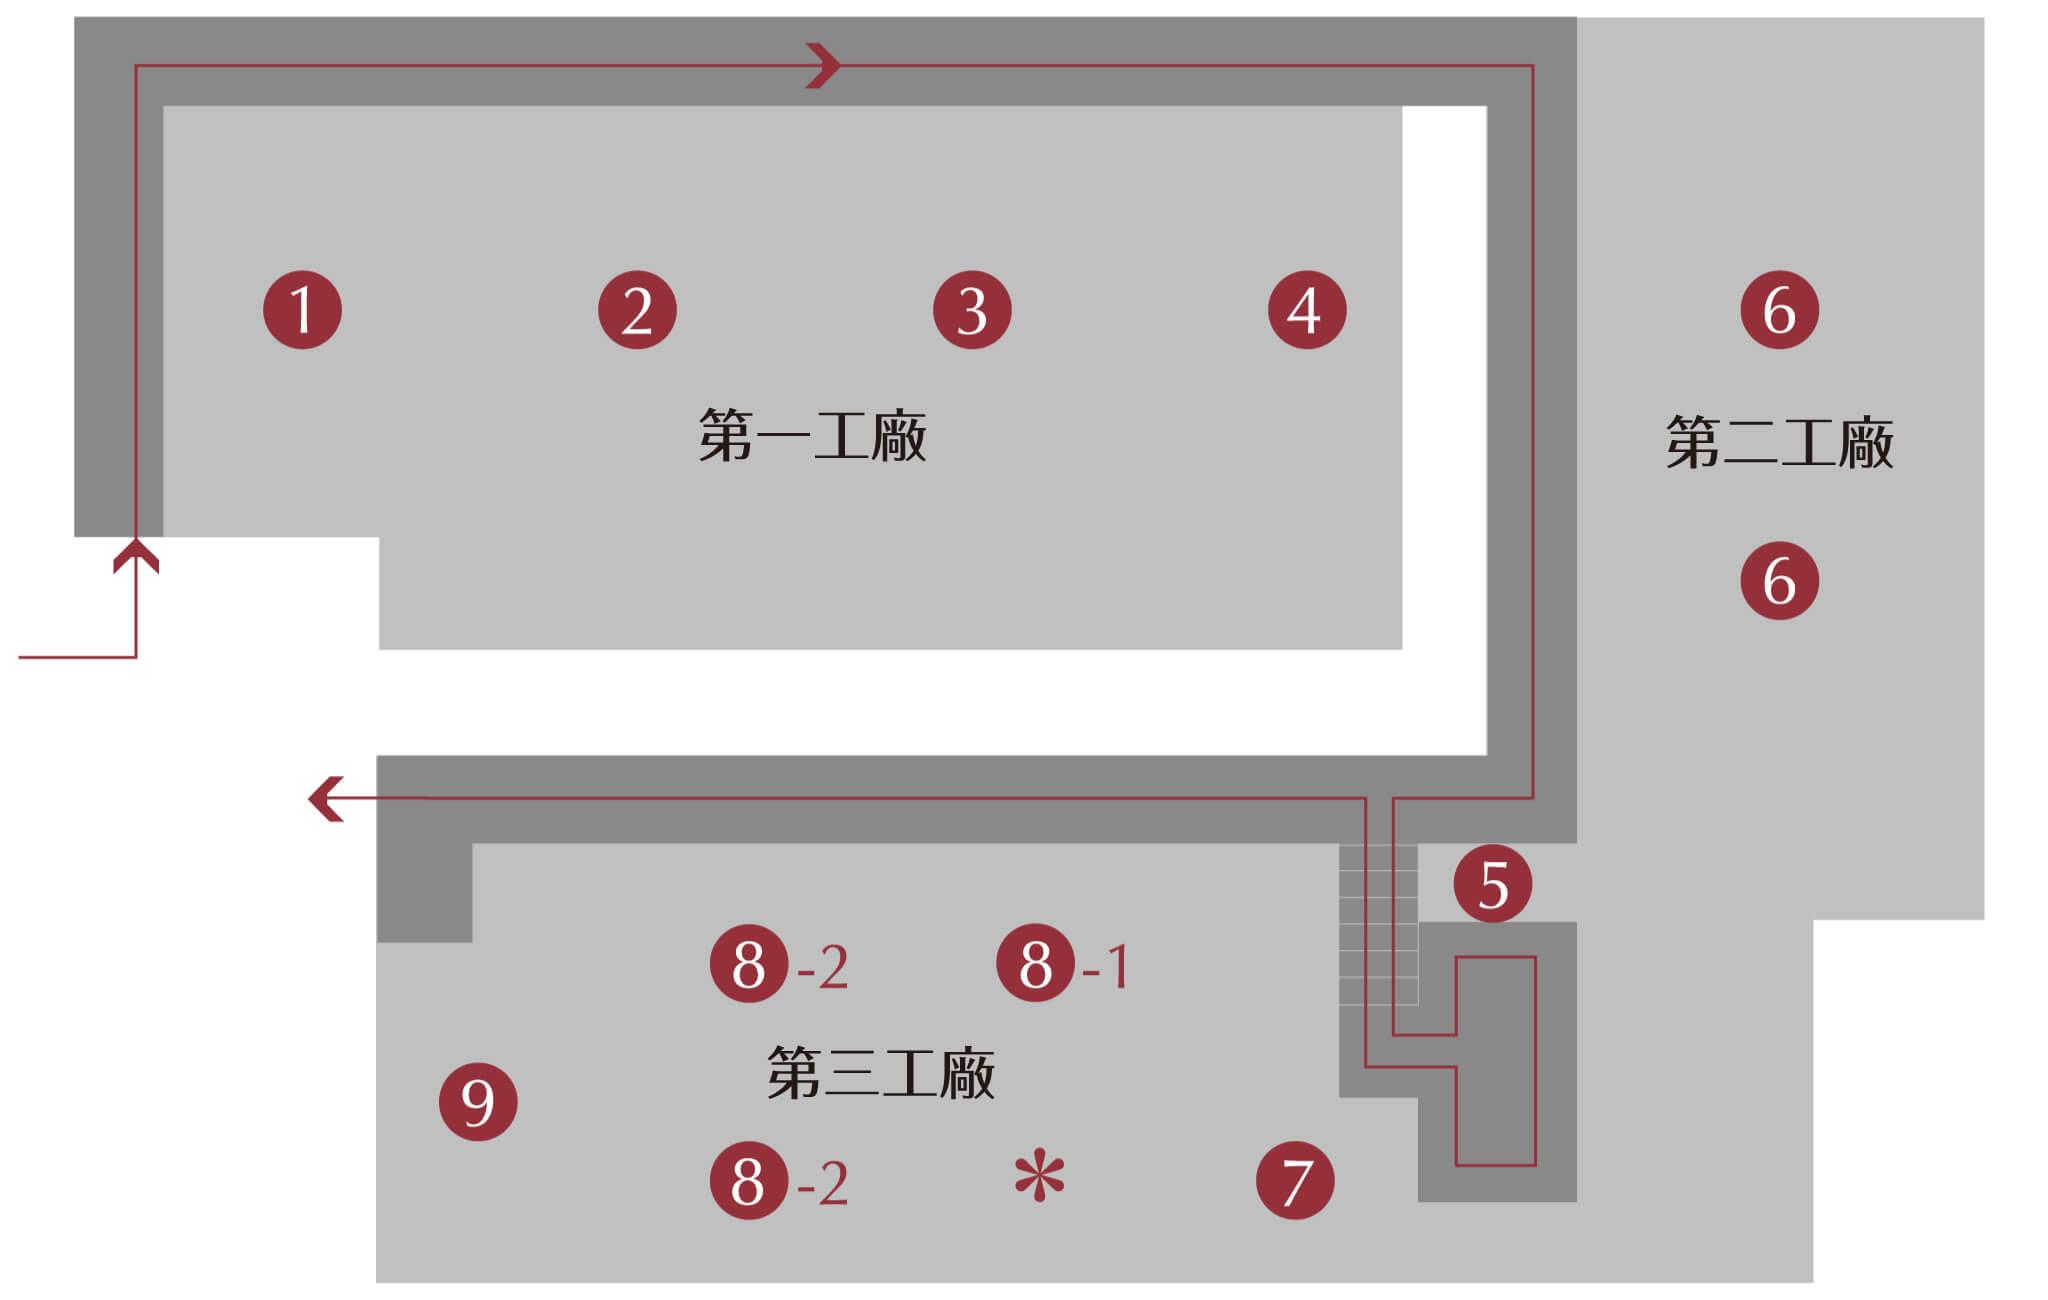 藤次郎刀具工廠MAP